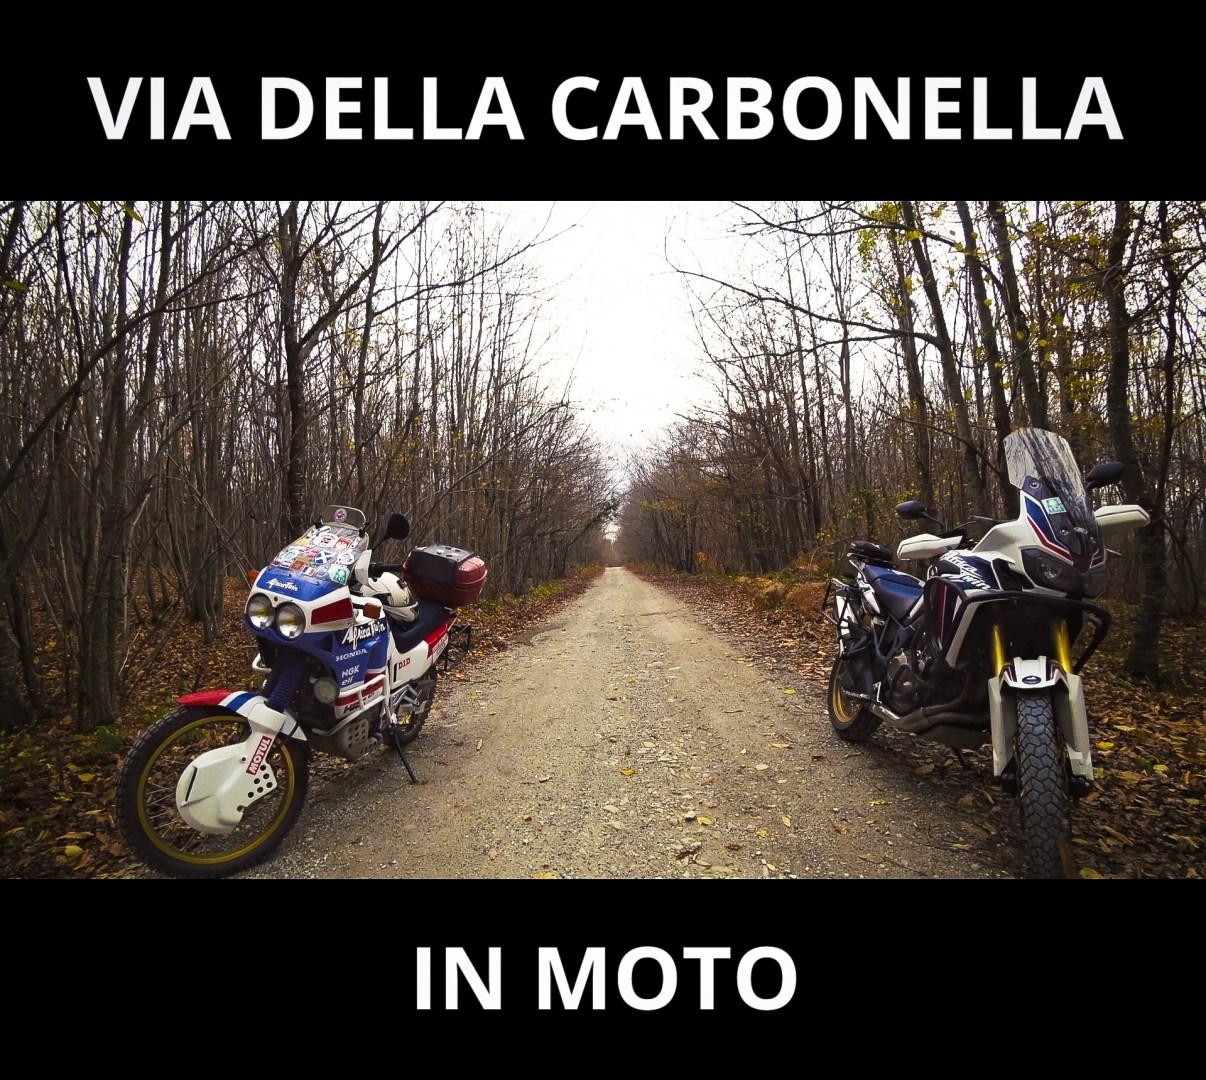 via della carbonella in moto